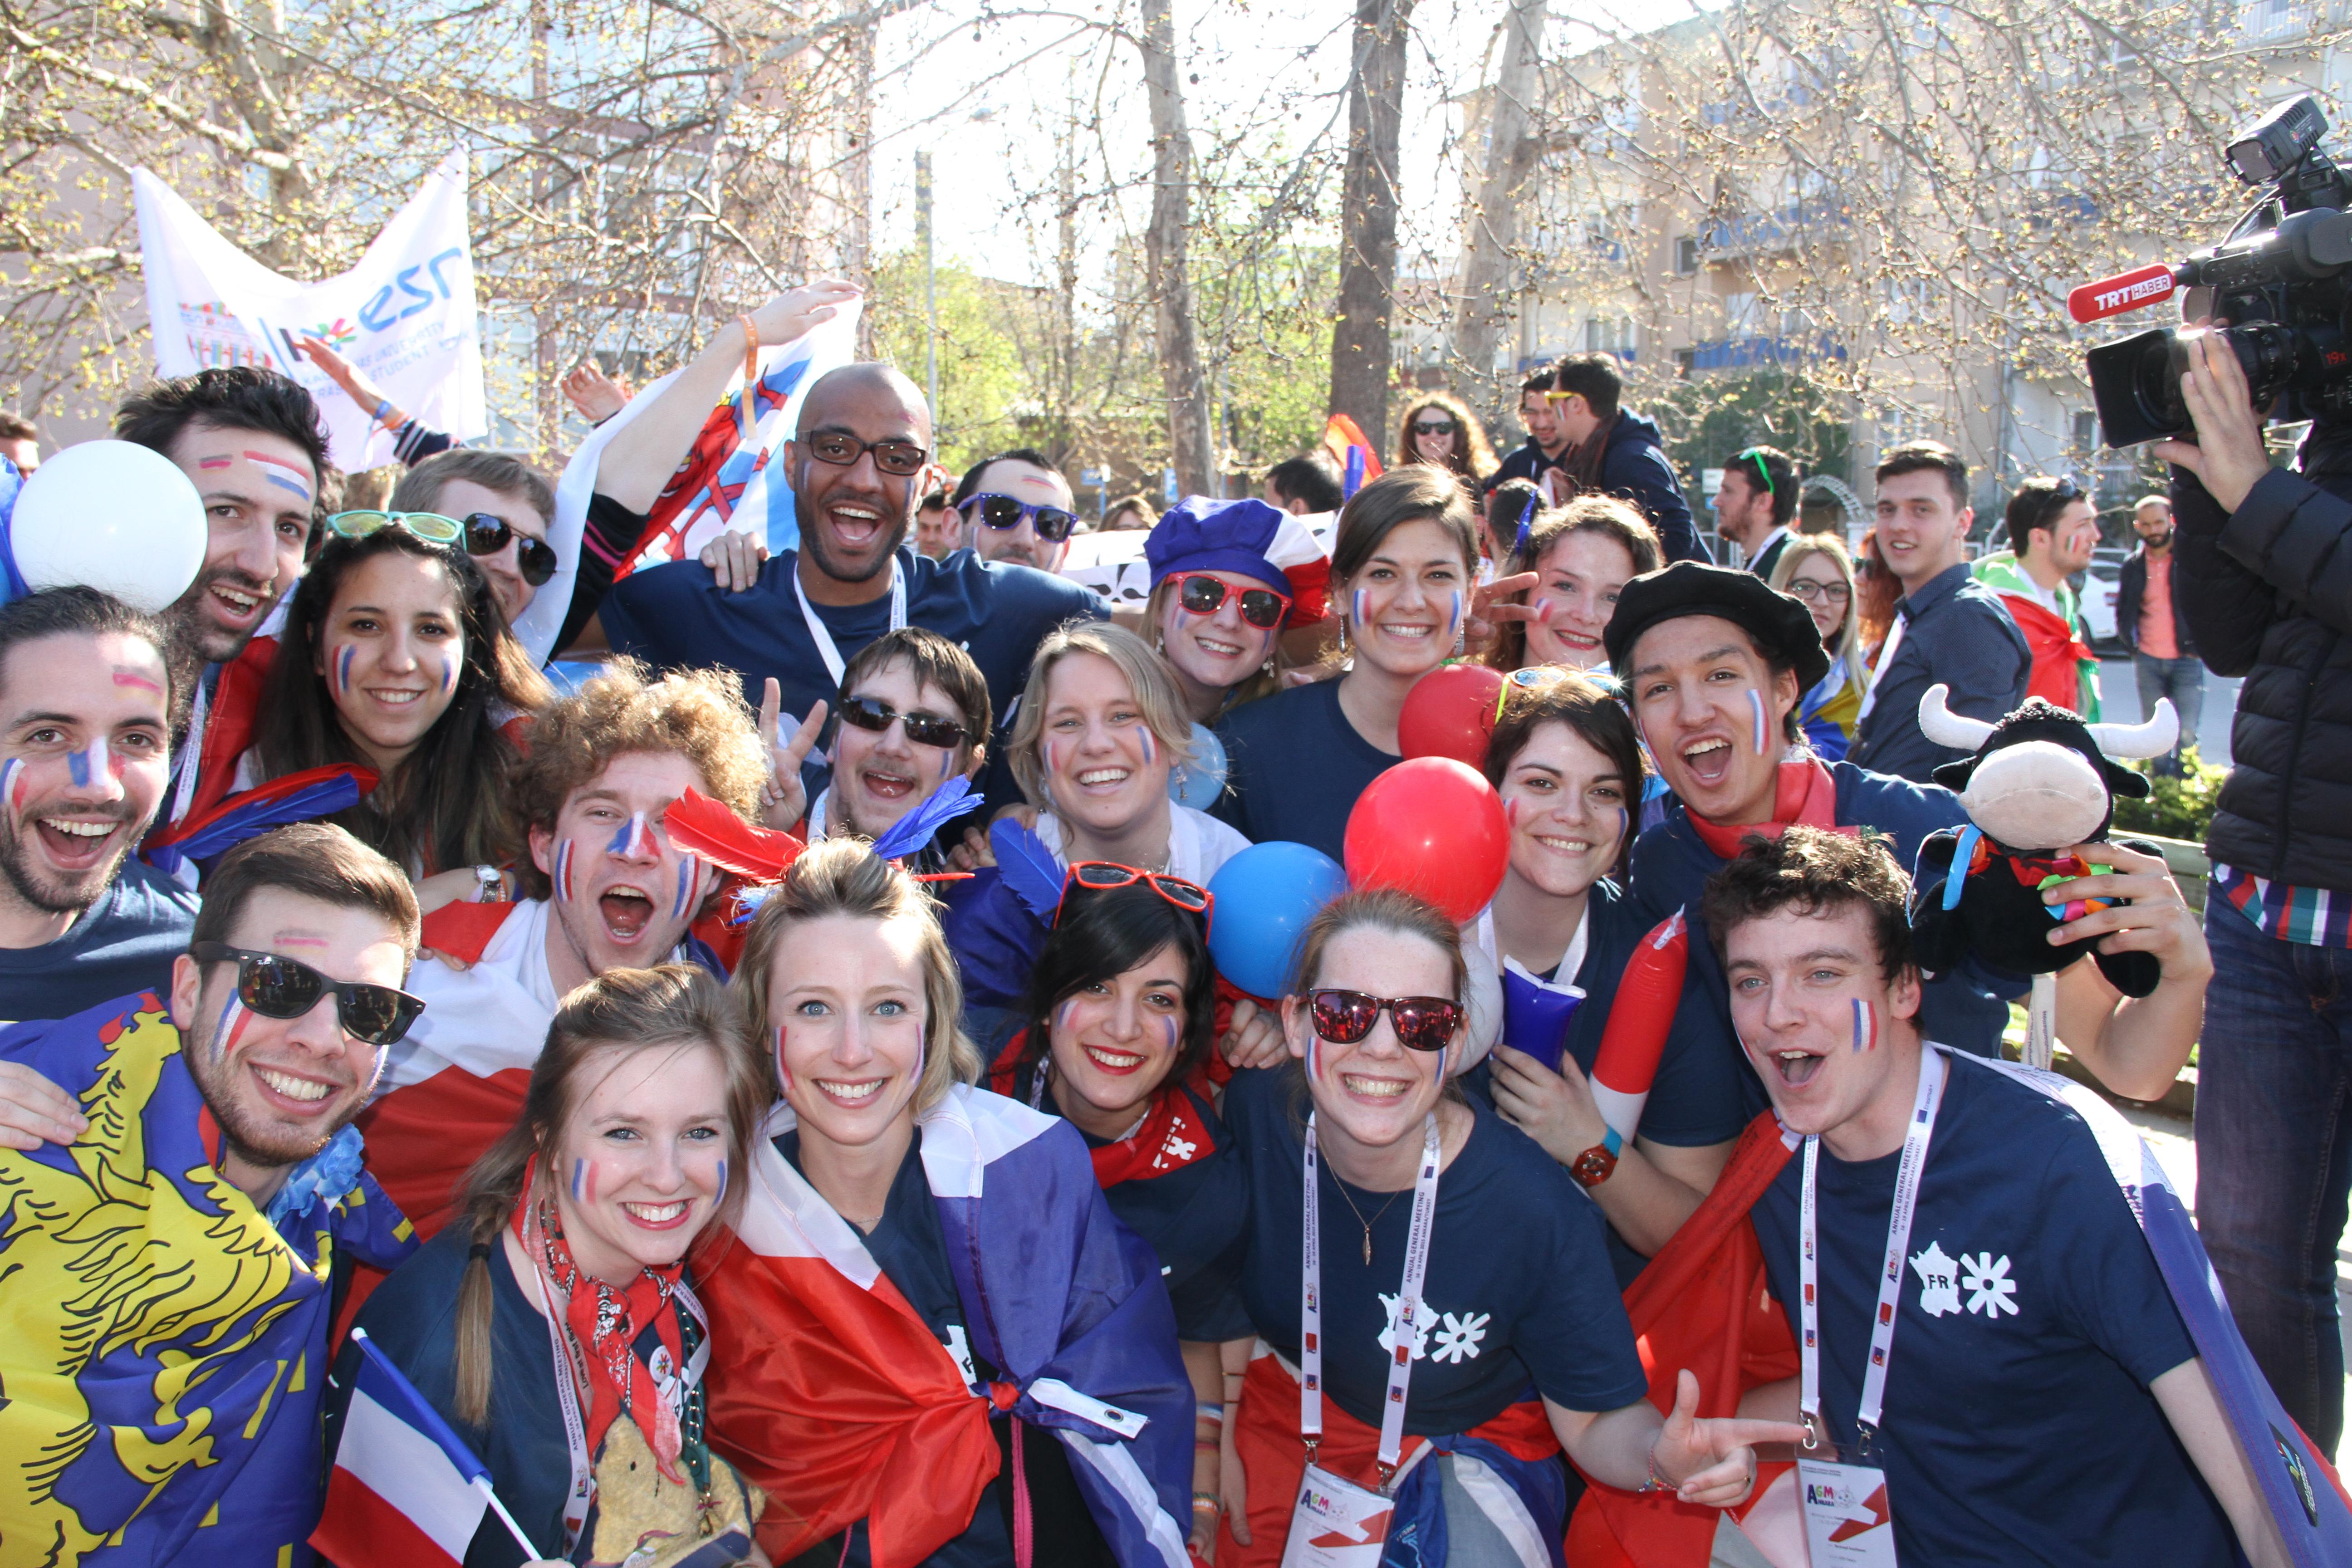 Plus de 90% des étudiants ERASMUS sont satisfaits, pourquoi ne pas tenter l'expérience? (Commission Européenne, 2018)